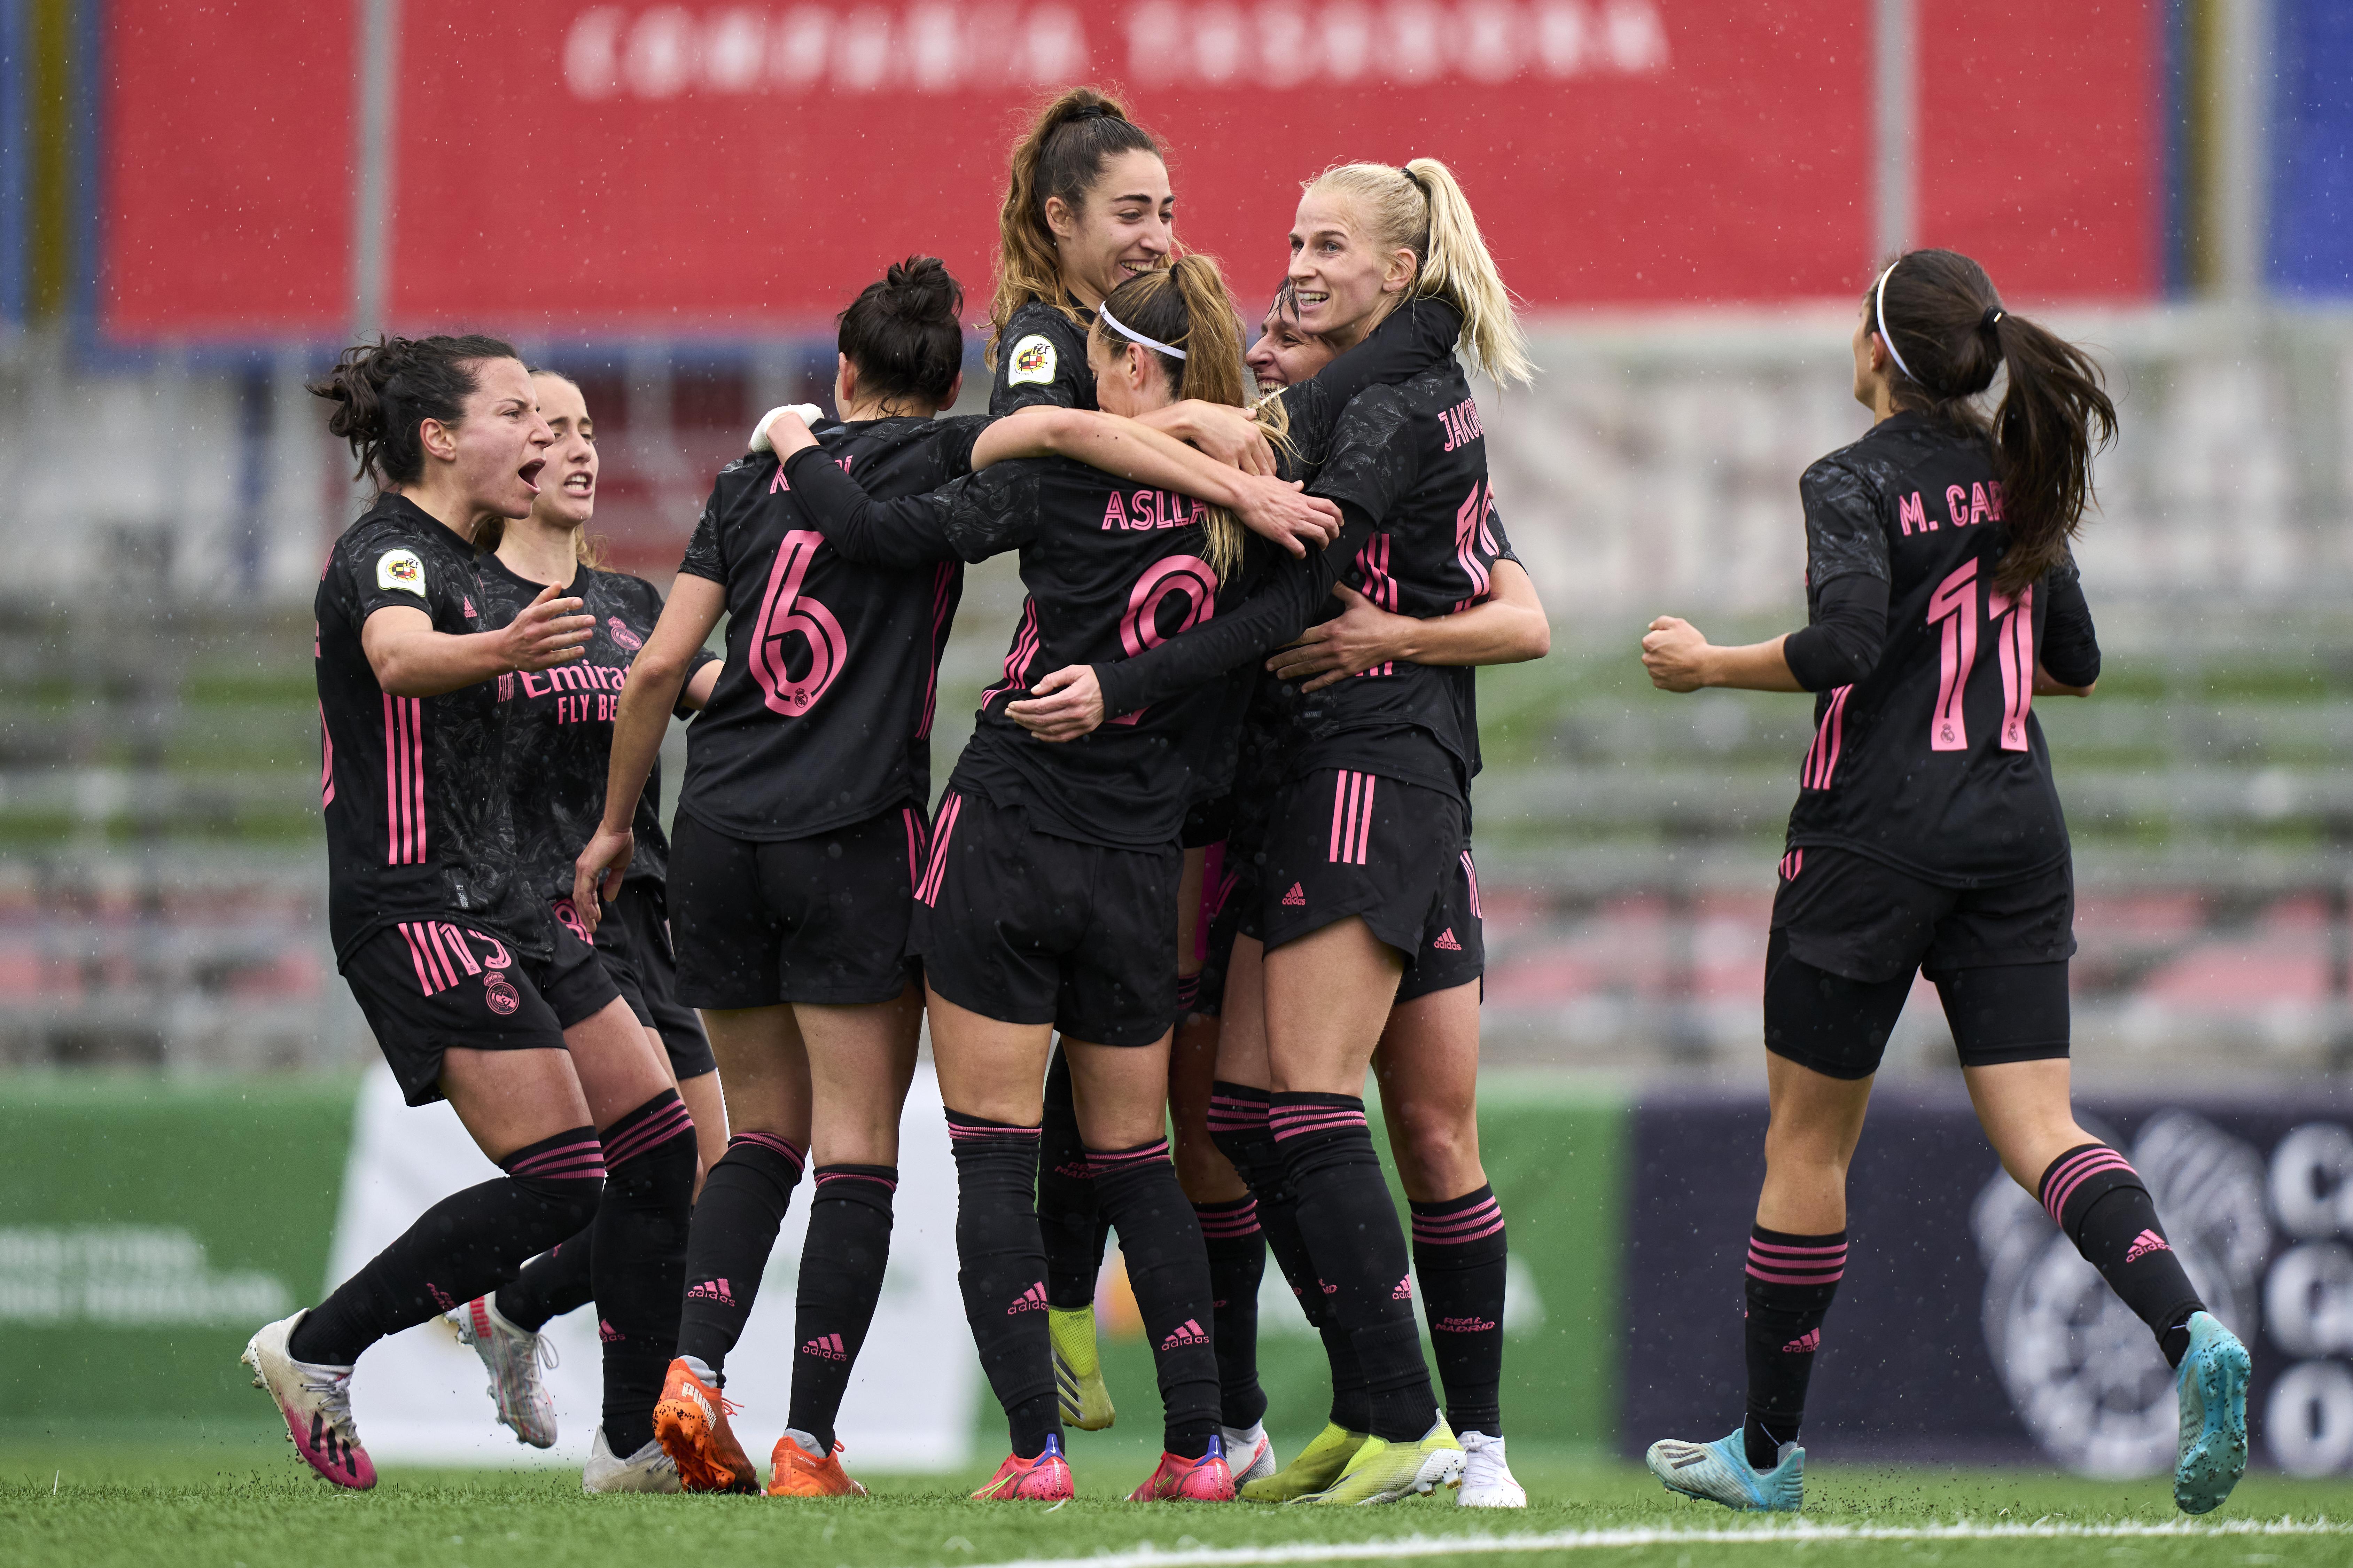 Madrid CFF v Real Madrid Femenino - Primera División Femenina